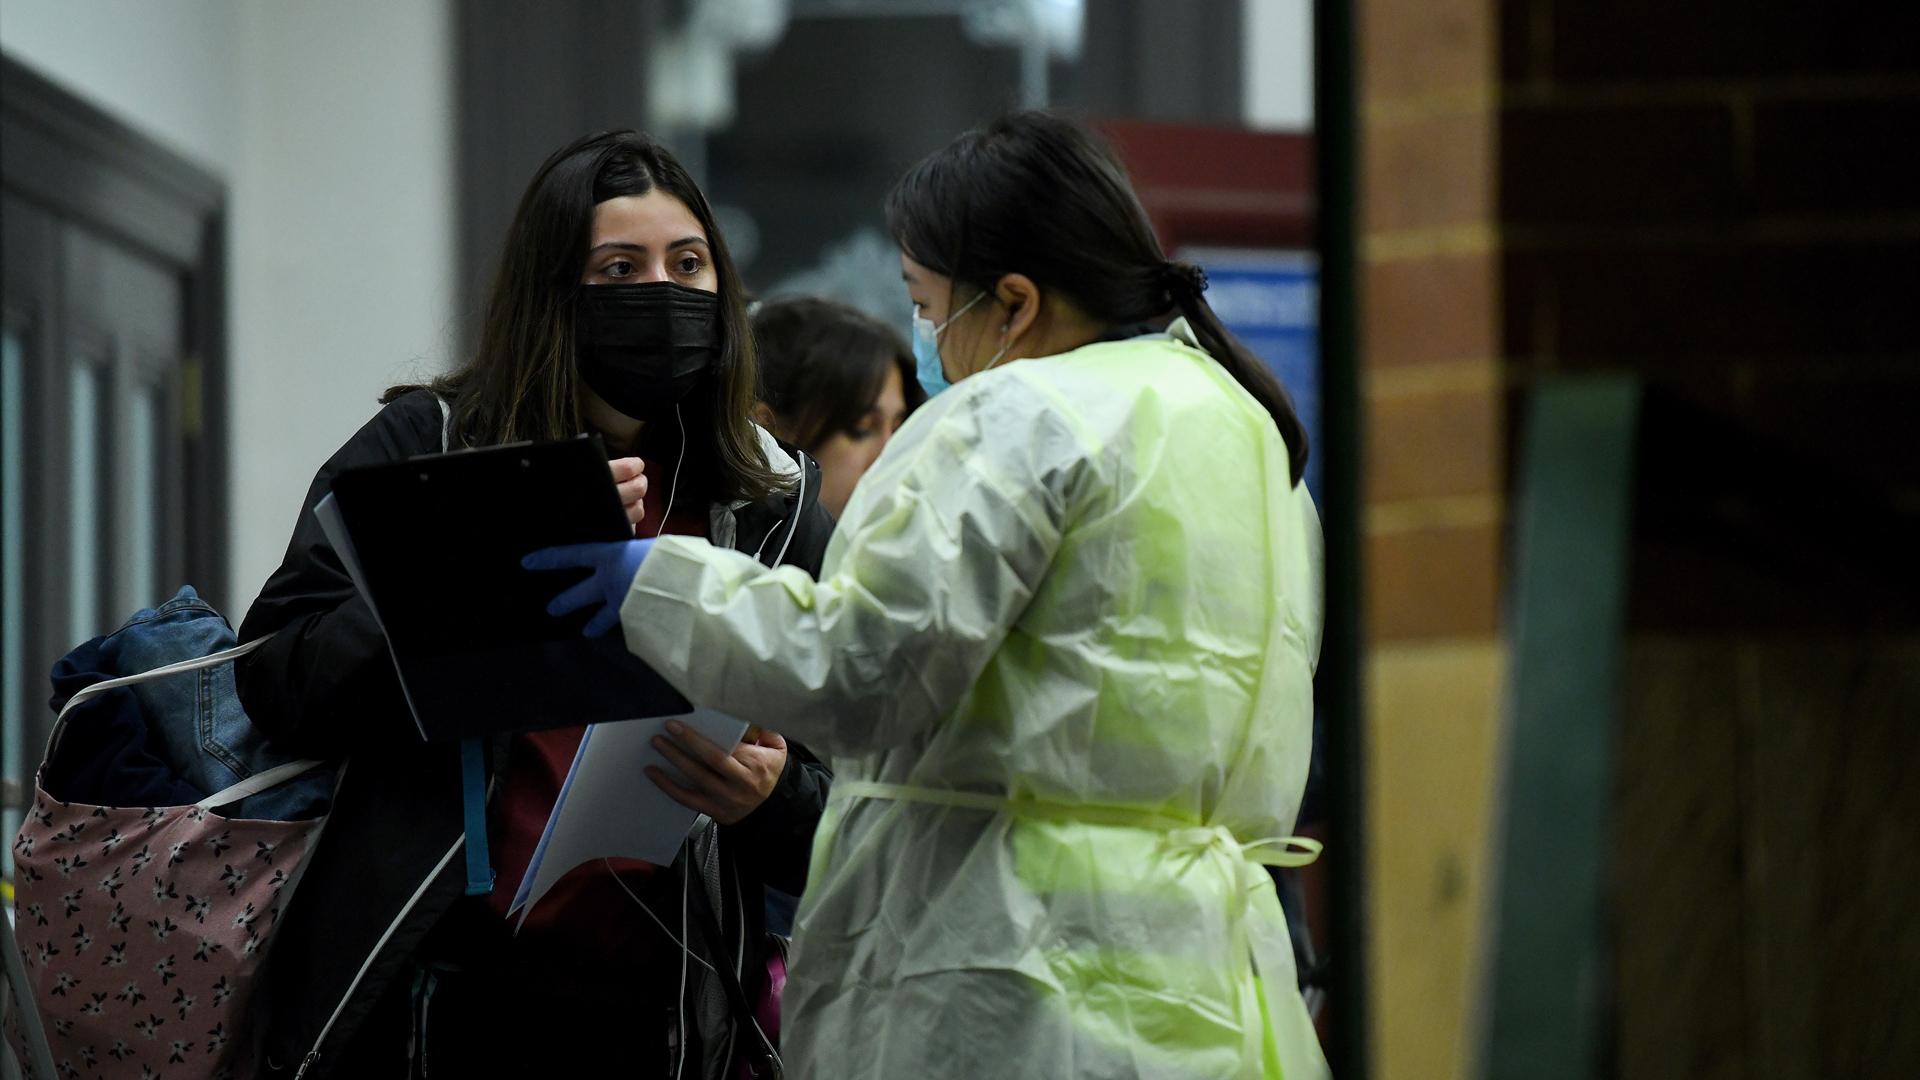 Diez mil australianos rechazan prueba de COVID-19 por teorías de conspiración- Personal sanitario de Australia habla con viajeros recién llegados a Sidney provenientes de Melbourne sobre las restricciones por COVID-19